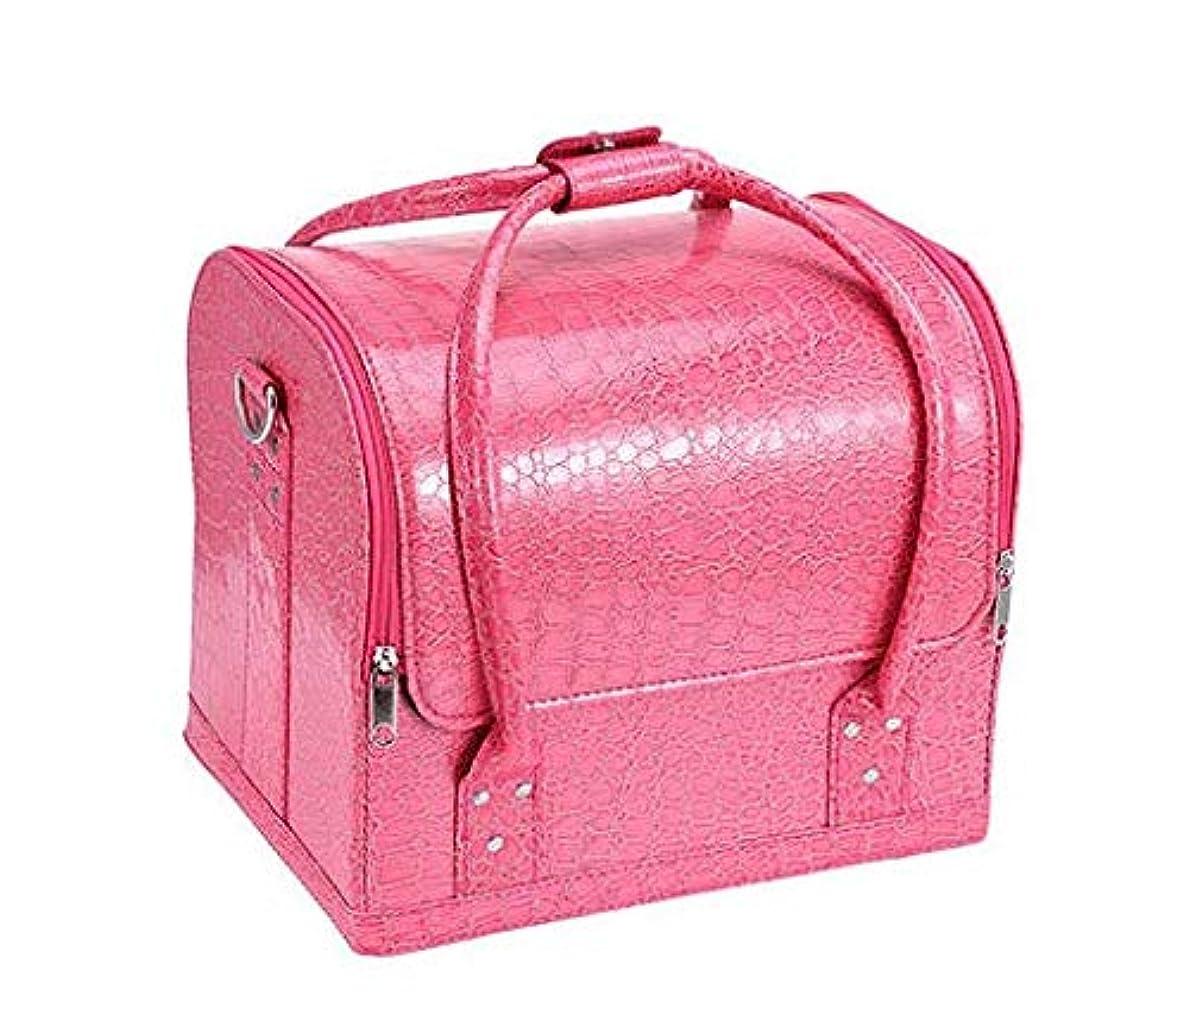 解く小間恐怖持ち運びできる メイクボックス 大容量 取っ手付き コスメボックス 化粧品収納ボックス 収納ケース 小物入れ (ピンク?クロコ型押し)